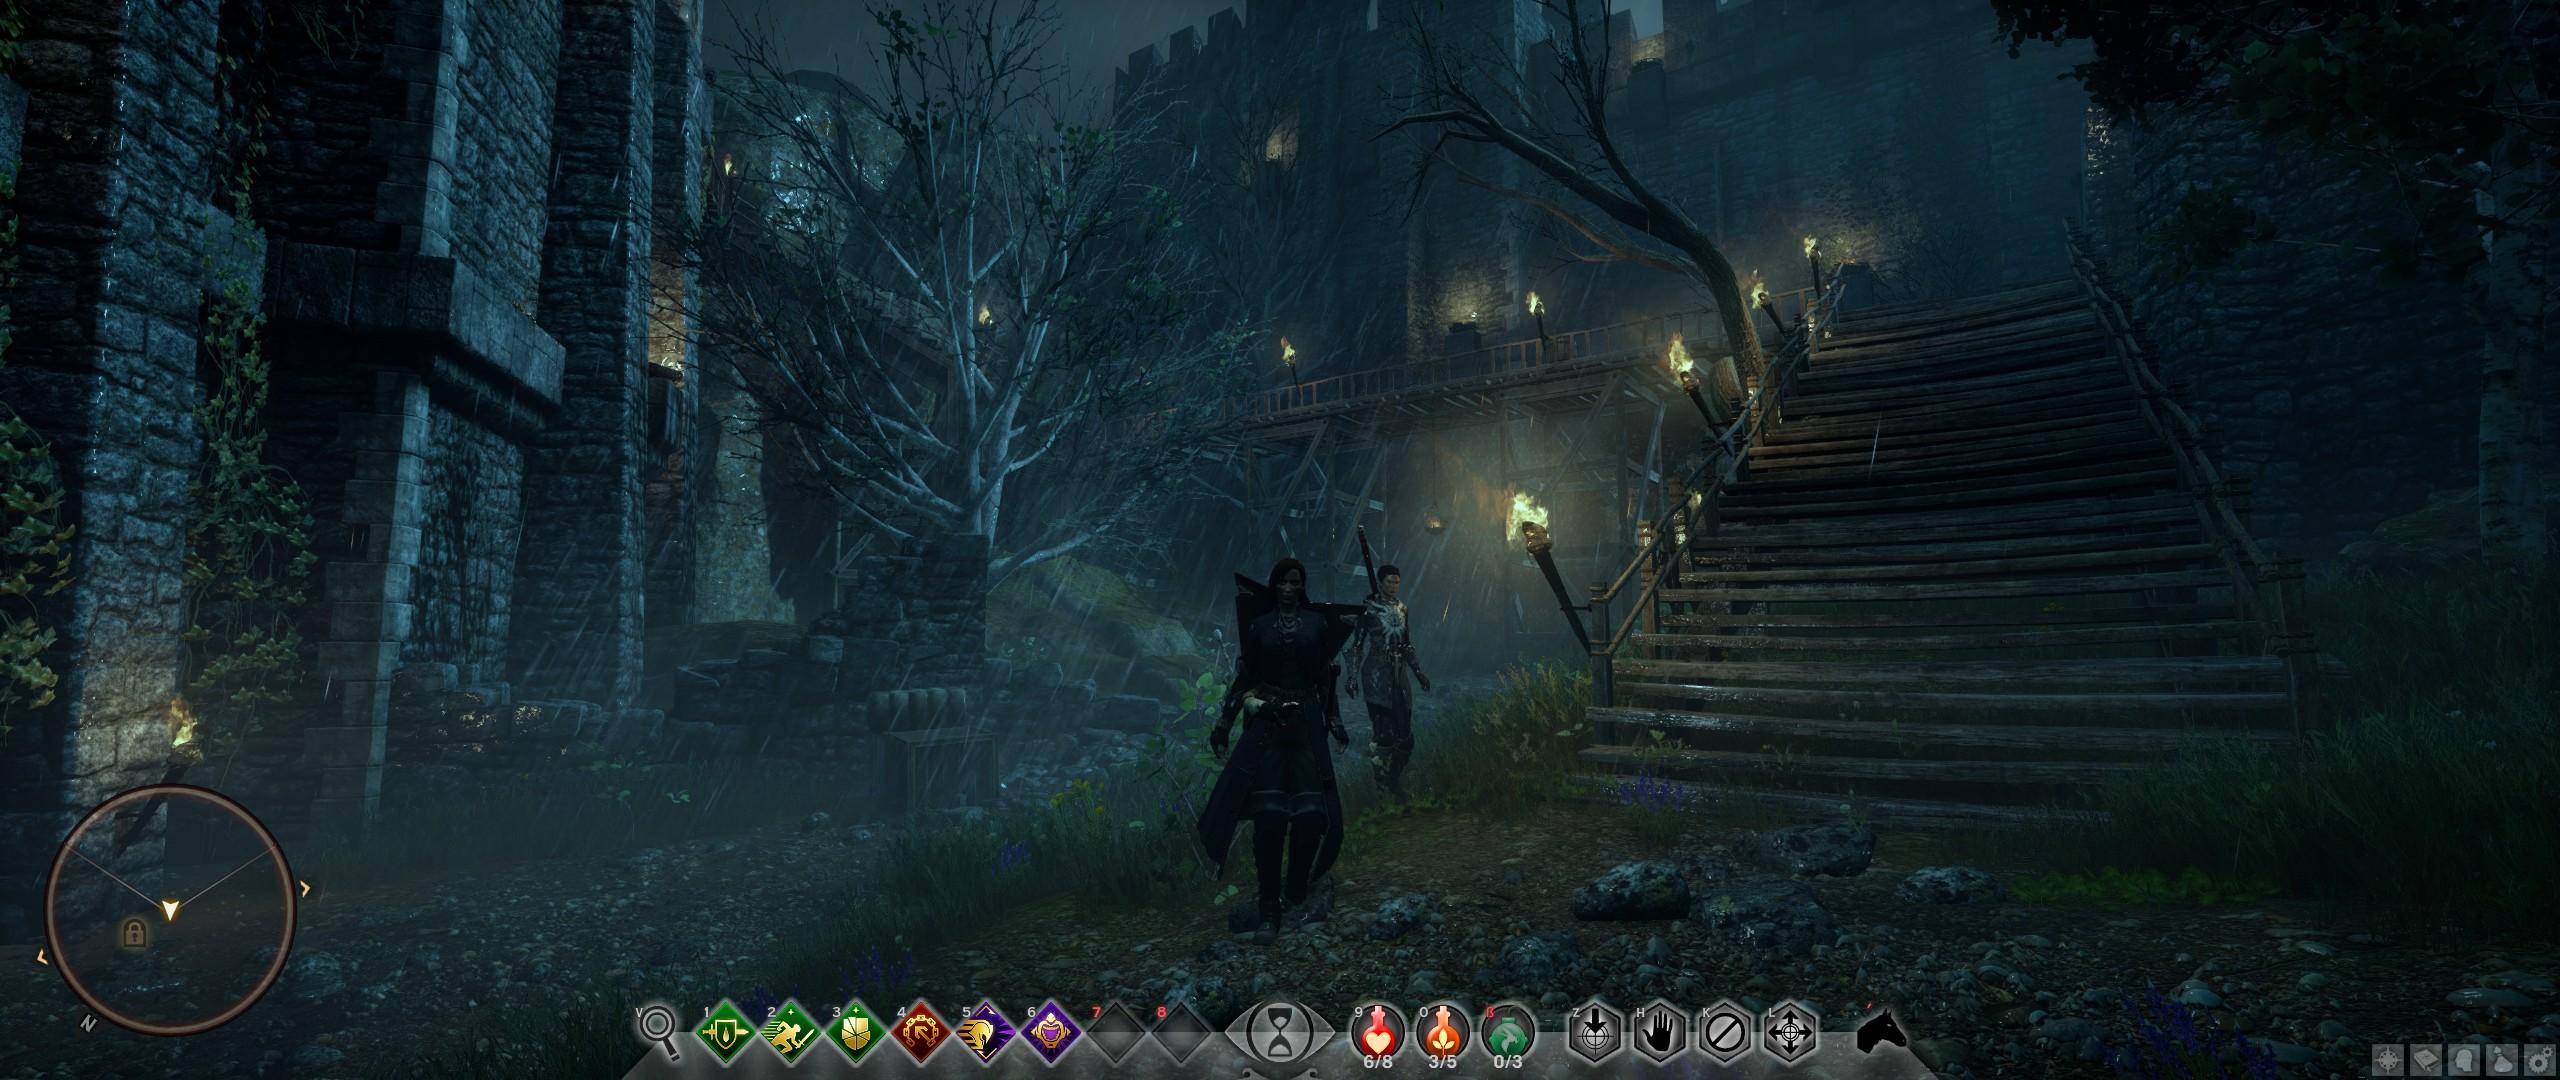 ScreenshotWin32_0042_Final